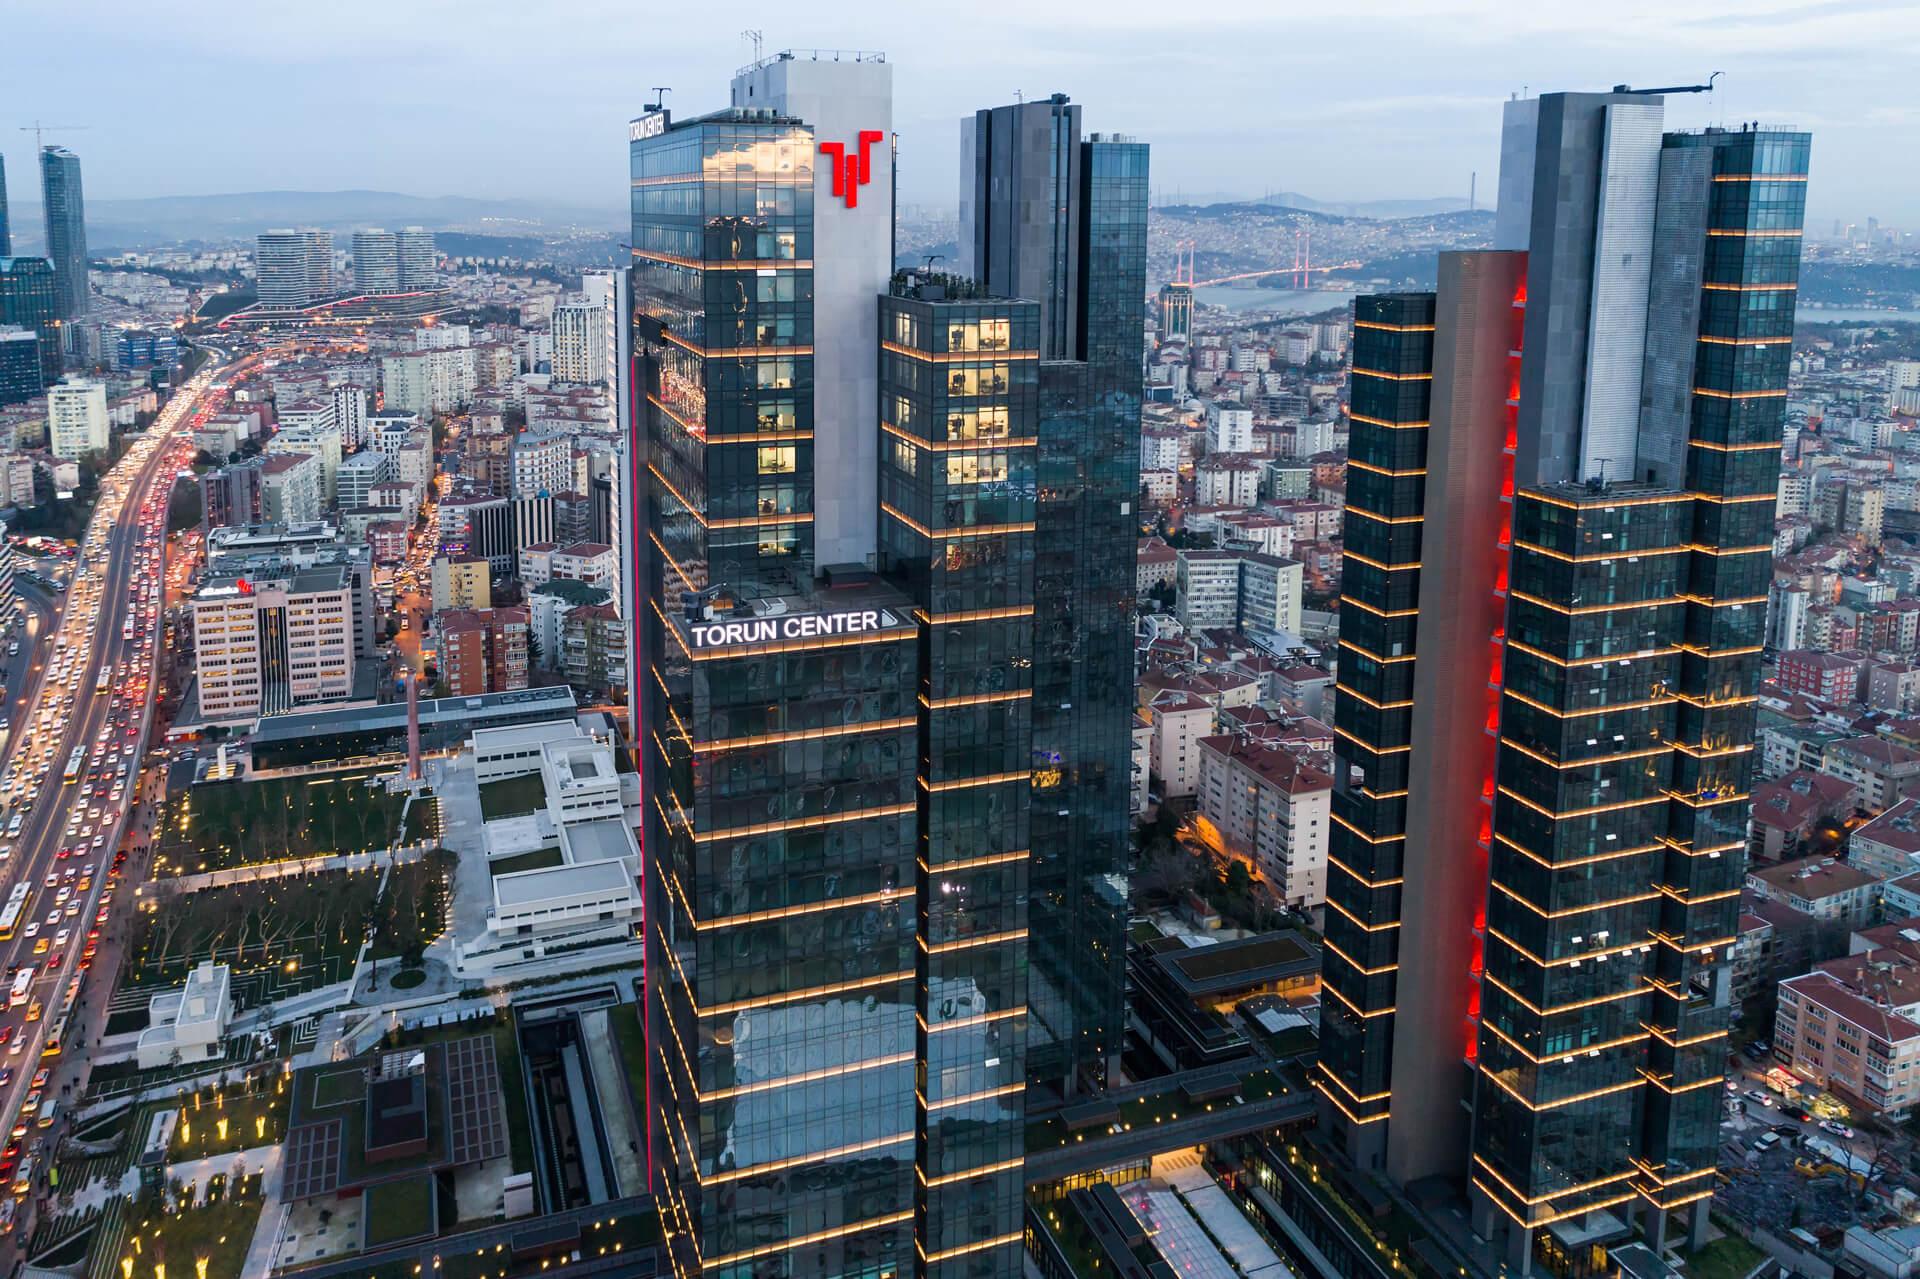 راهنمای کامل منطقه شیشلی استانبول | BuyHomesTurkey